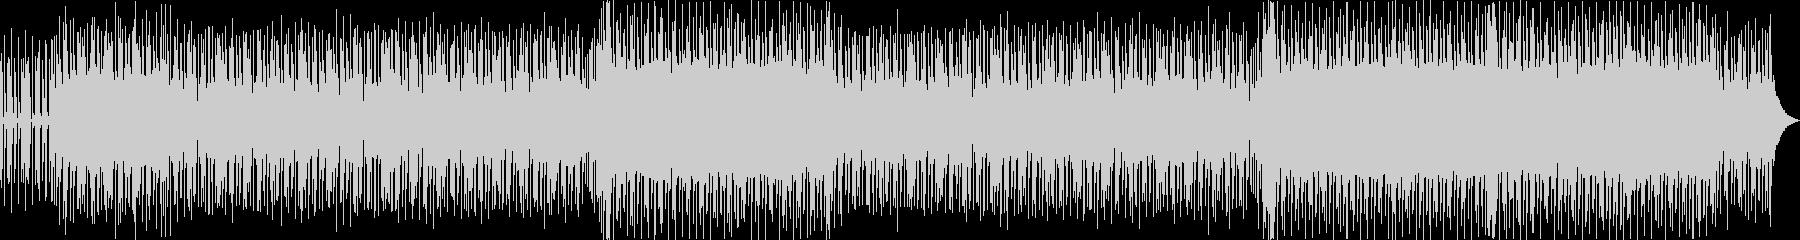 日常・インディーロック・ブリットポップの未再生の波形